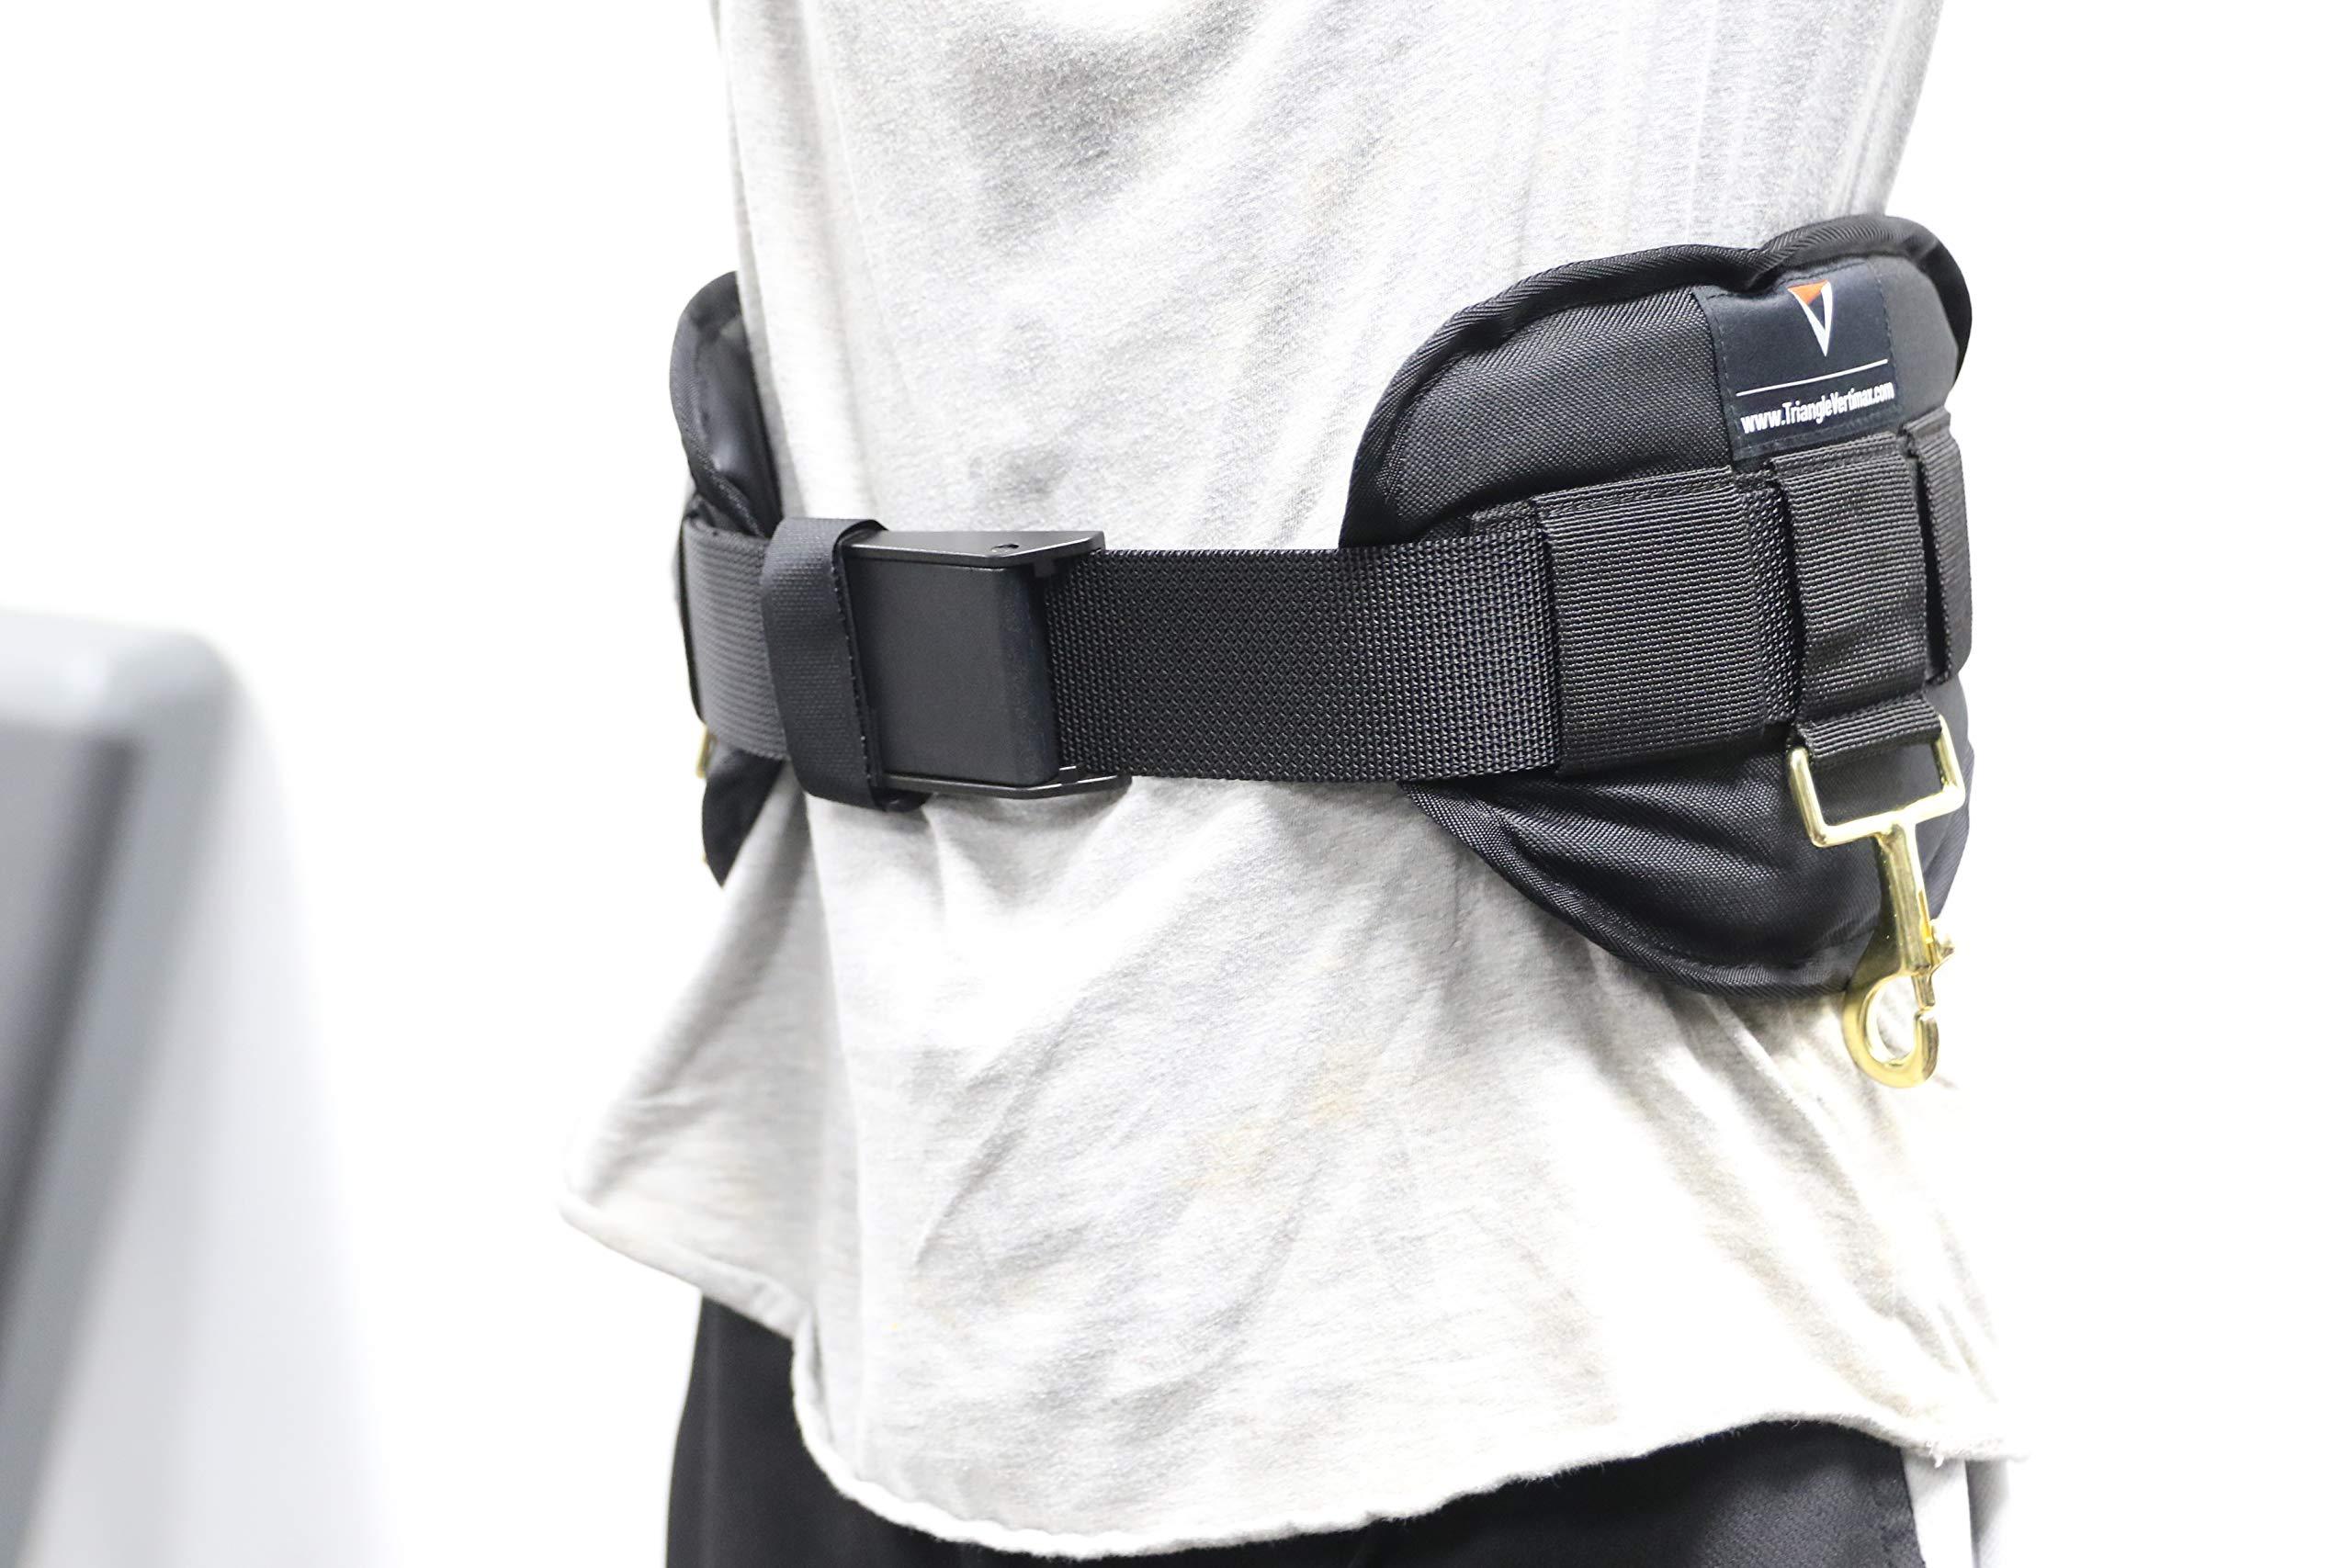 Triangle Sports Performance & Wellness Large Premium Deluxe Waist Harness for Just Jump Belt, Run Rocket Belt, VertiMax Belt & FieldPower Belt Training Systems - 34'' to 52'' Waist